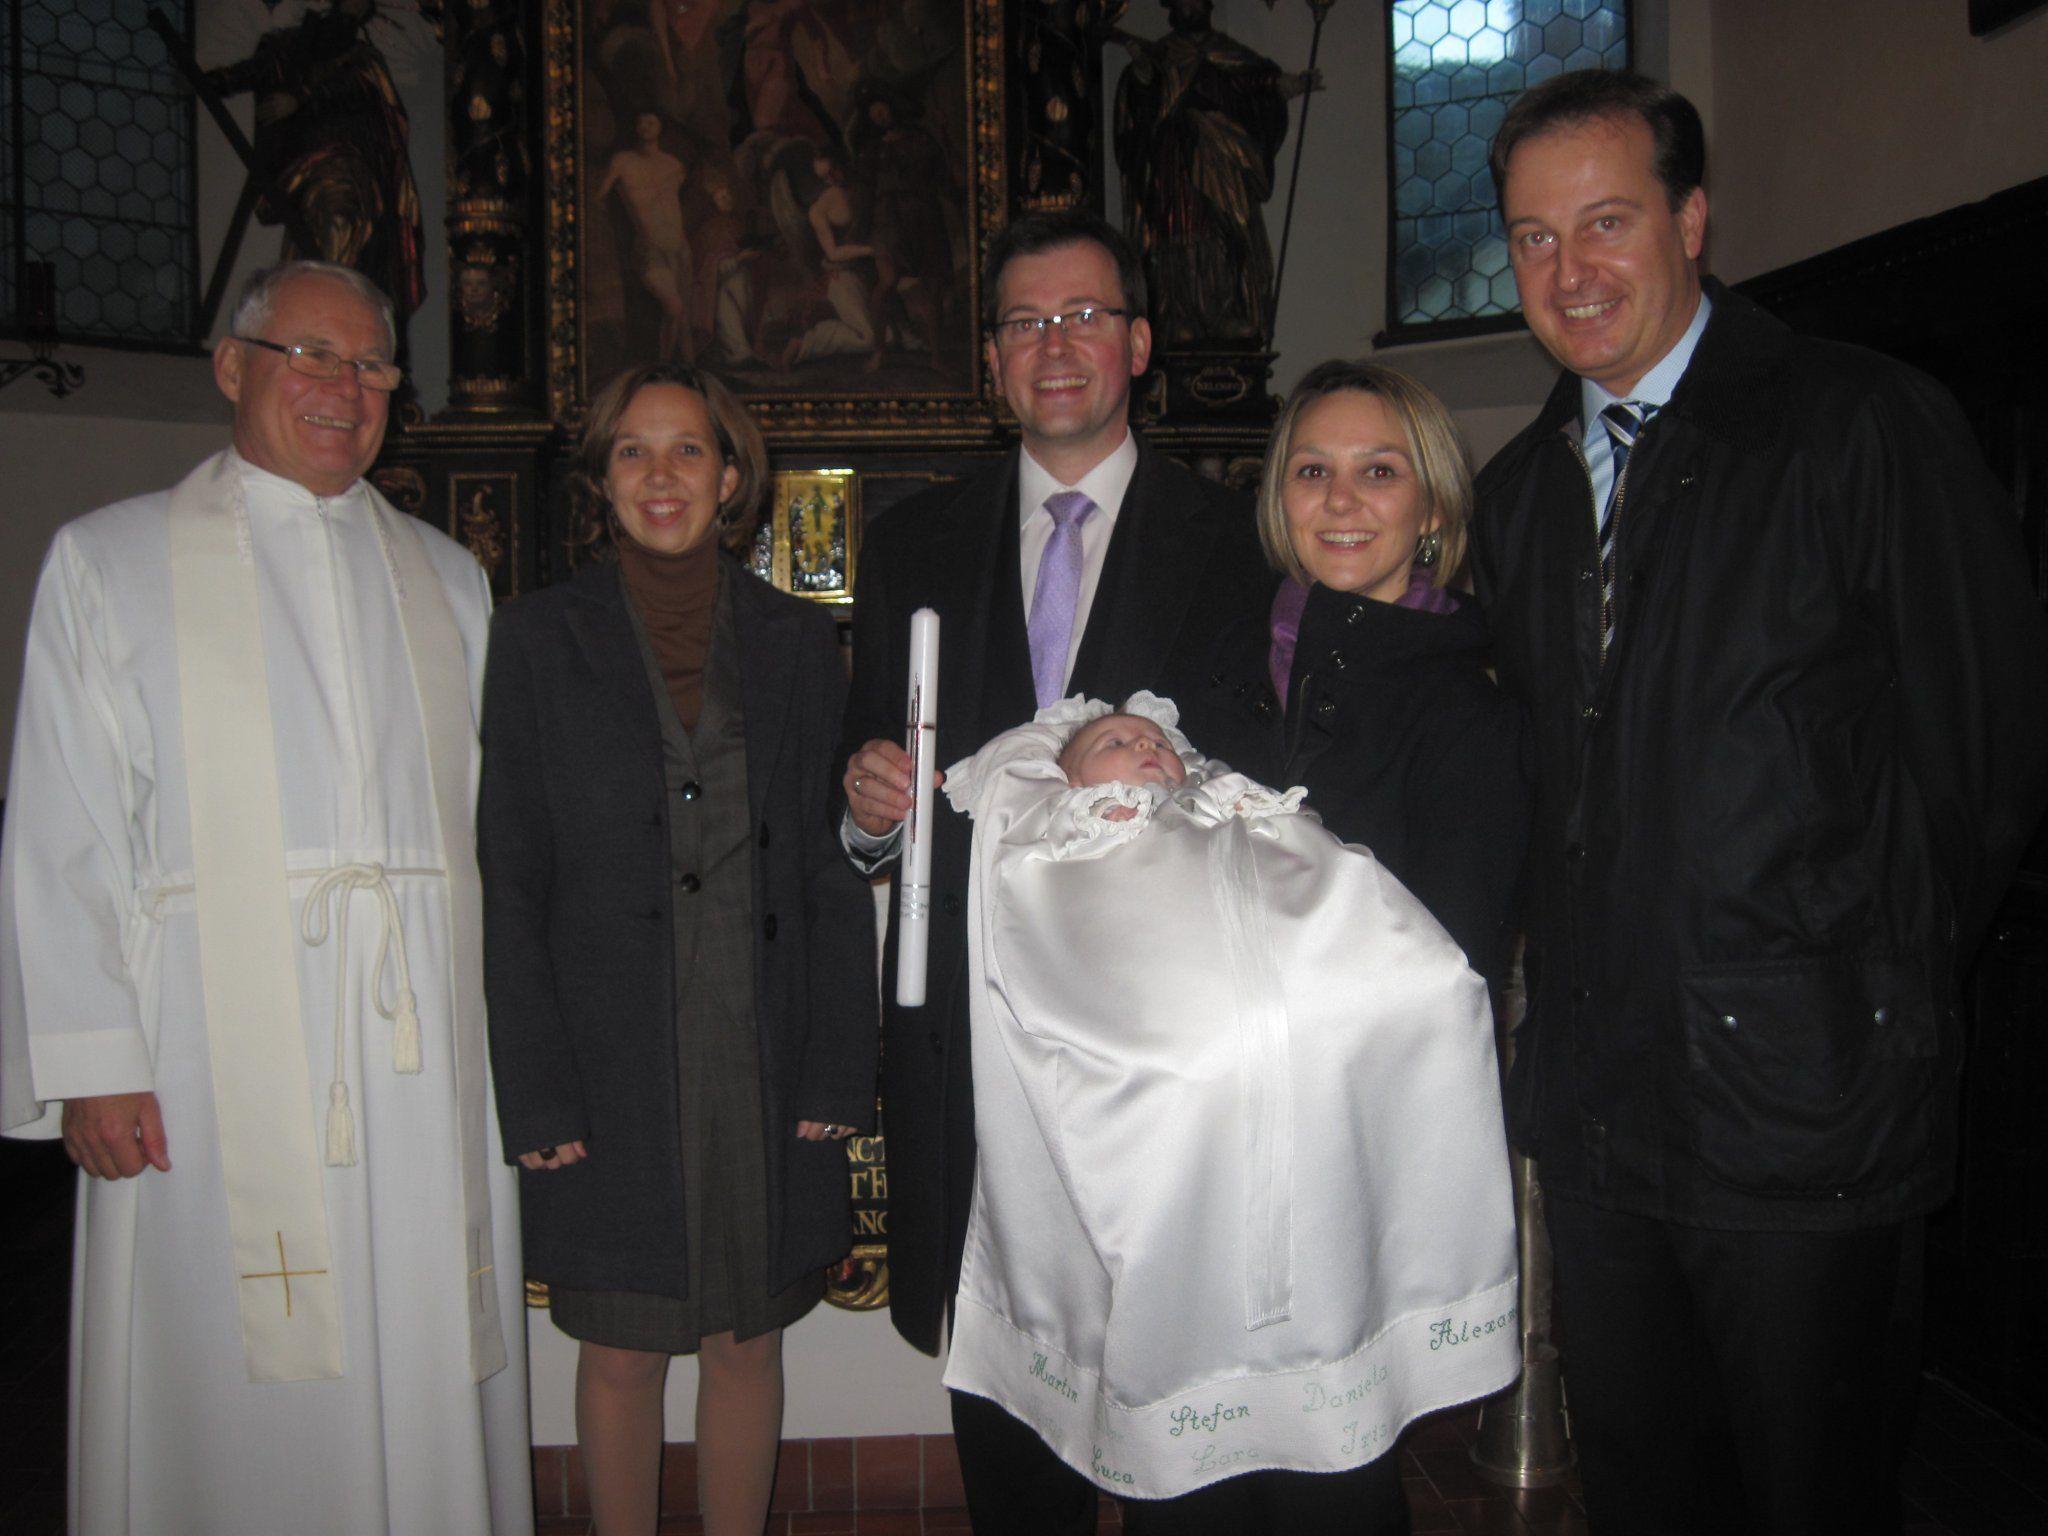 Iris Katharina wurde in der Dreifaltigkeitskirche getauft